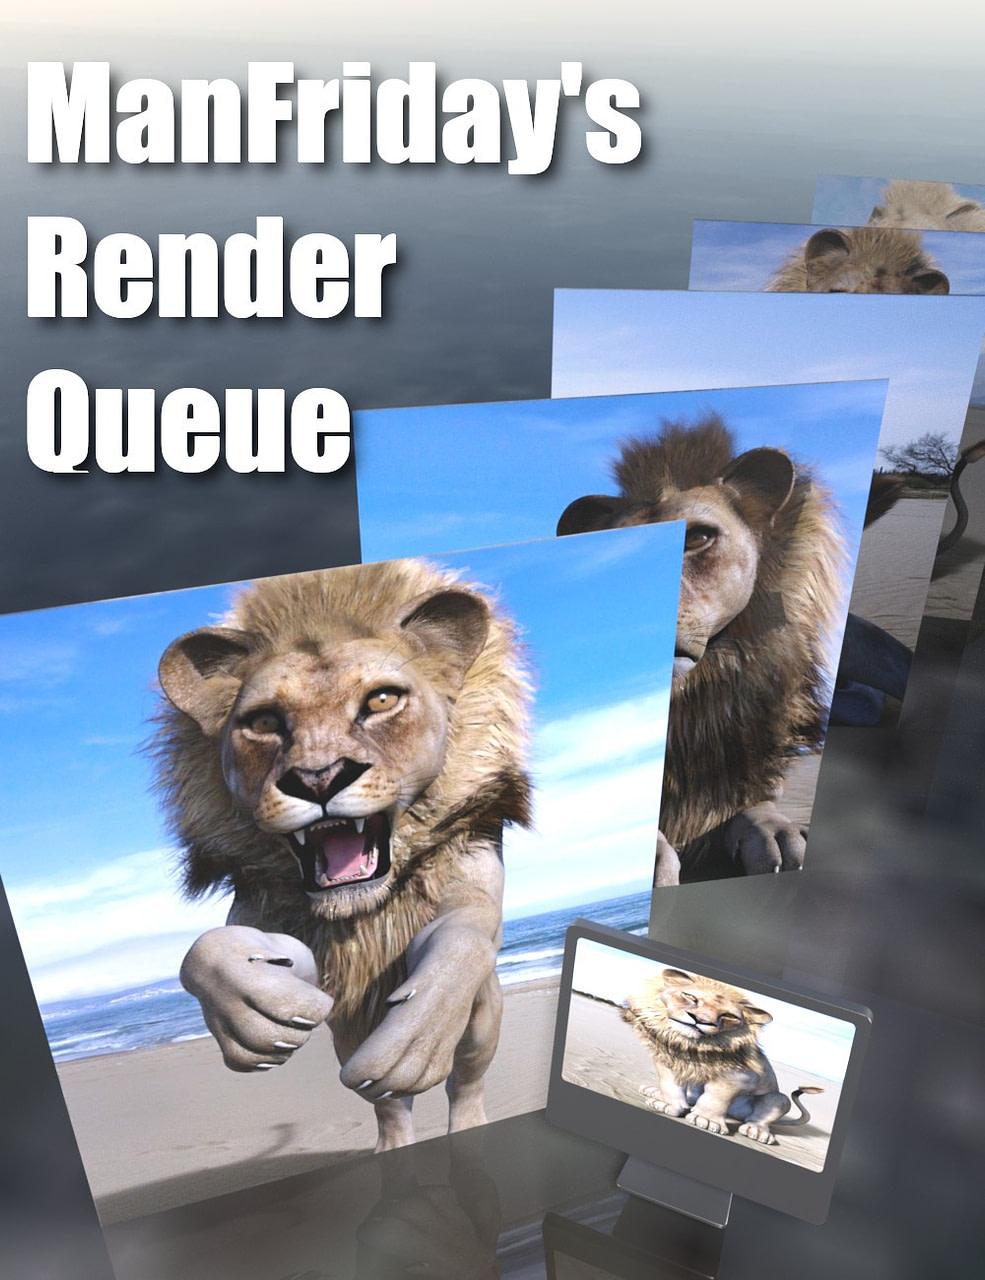 daz3d render queue